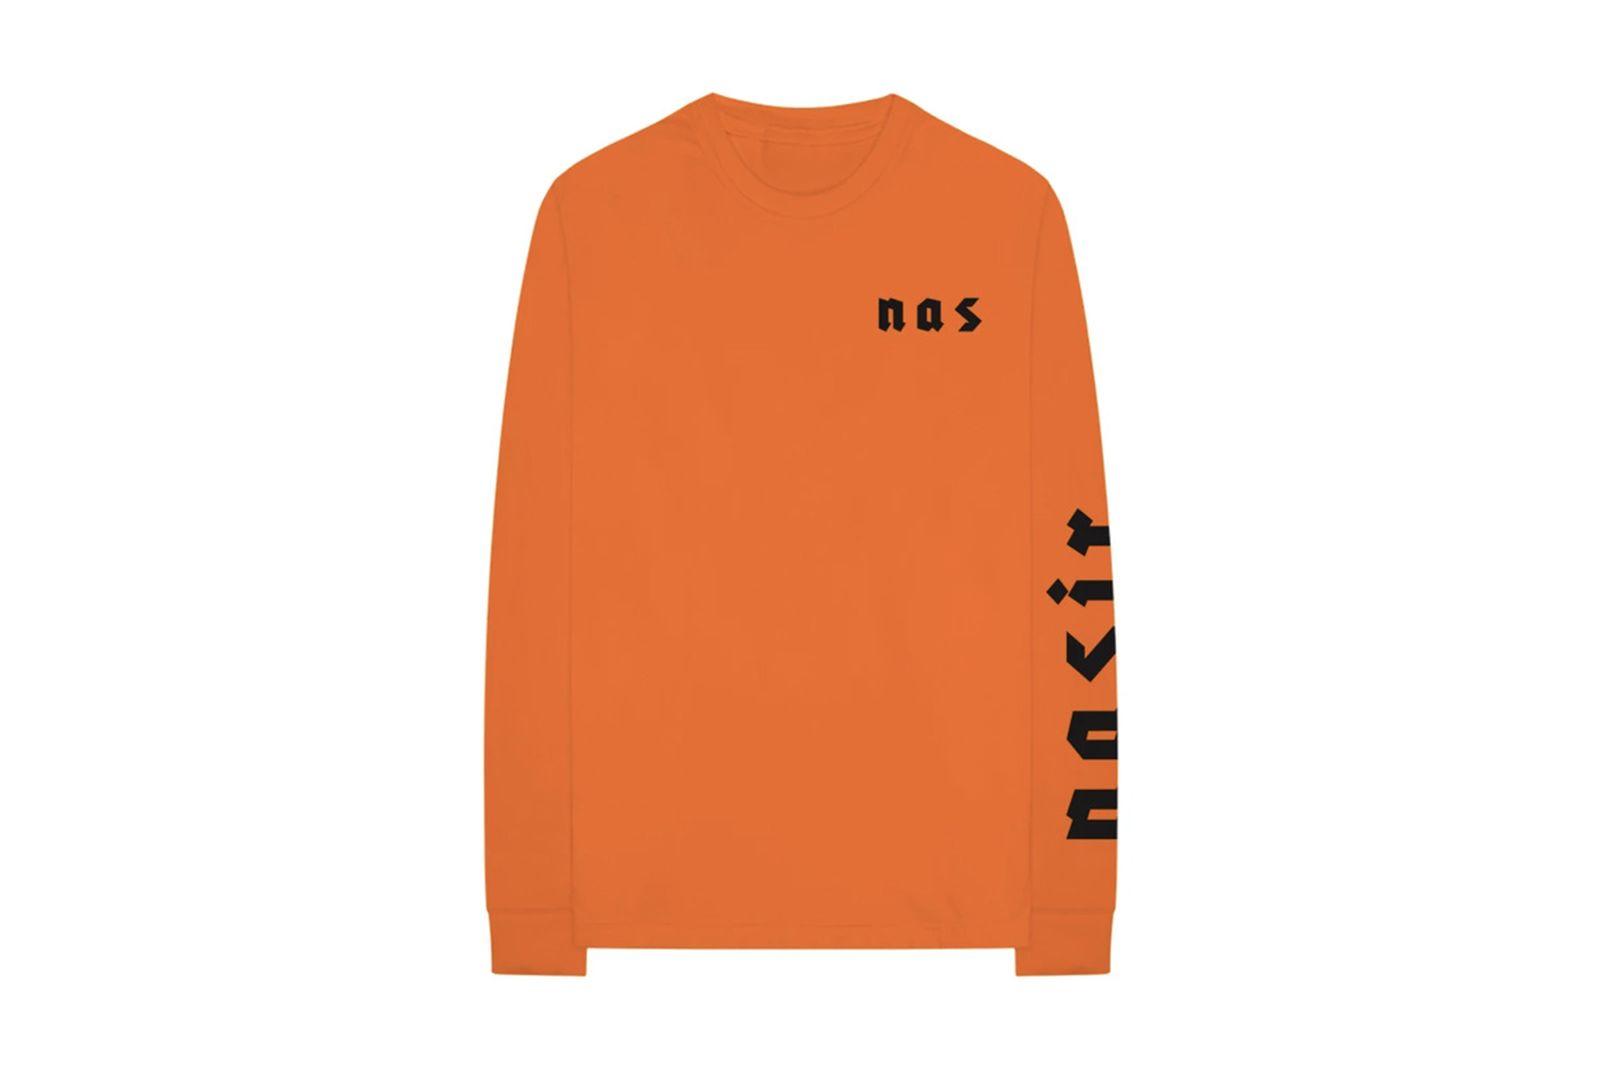 nasir07 ASAP Ferg Merchandise Travis Scott